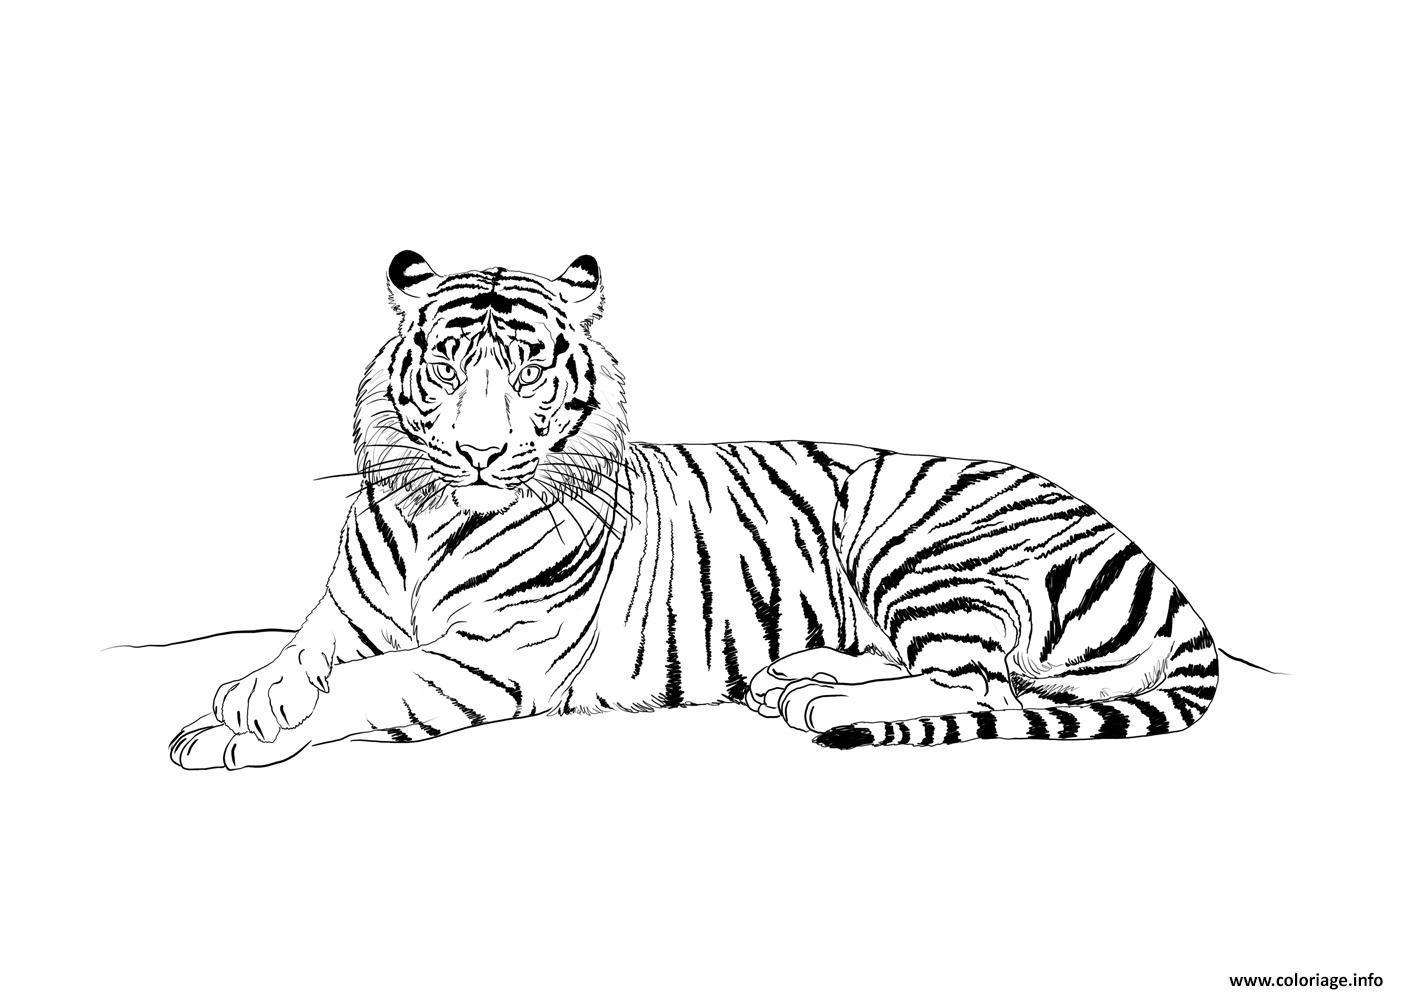 Dessin tigre mammifere carnivore realiste Coloriage Gratuit à Imprimer